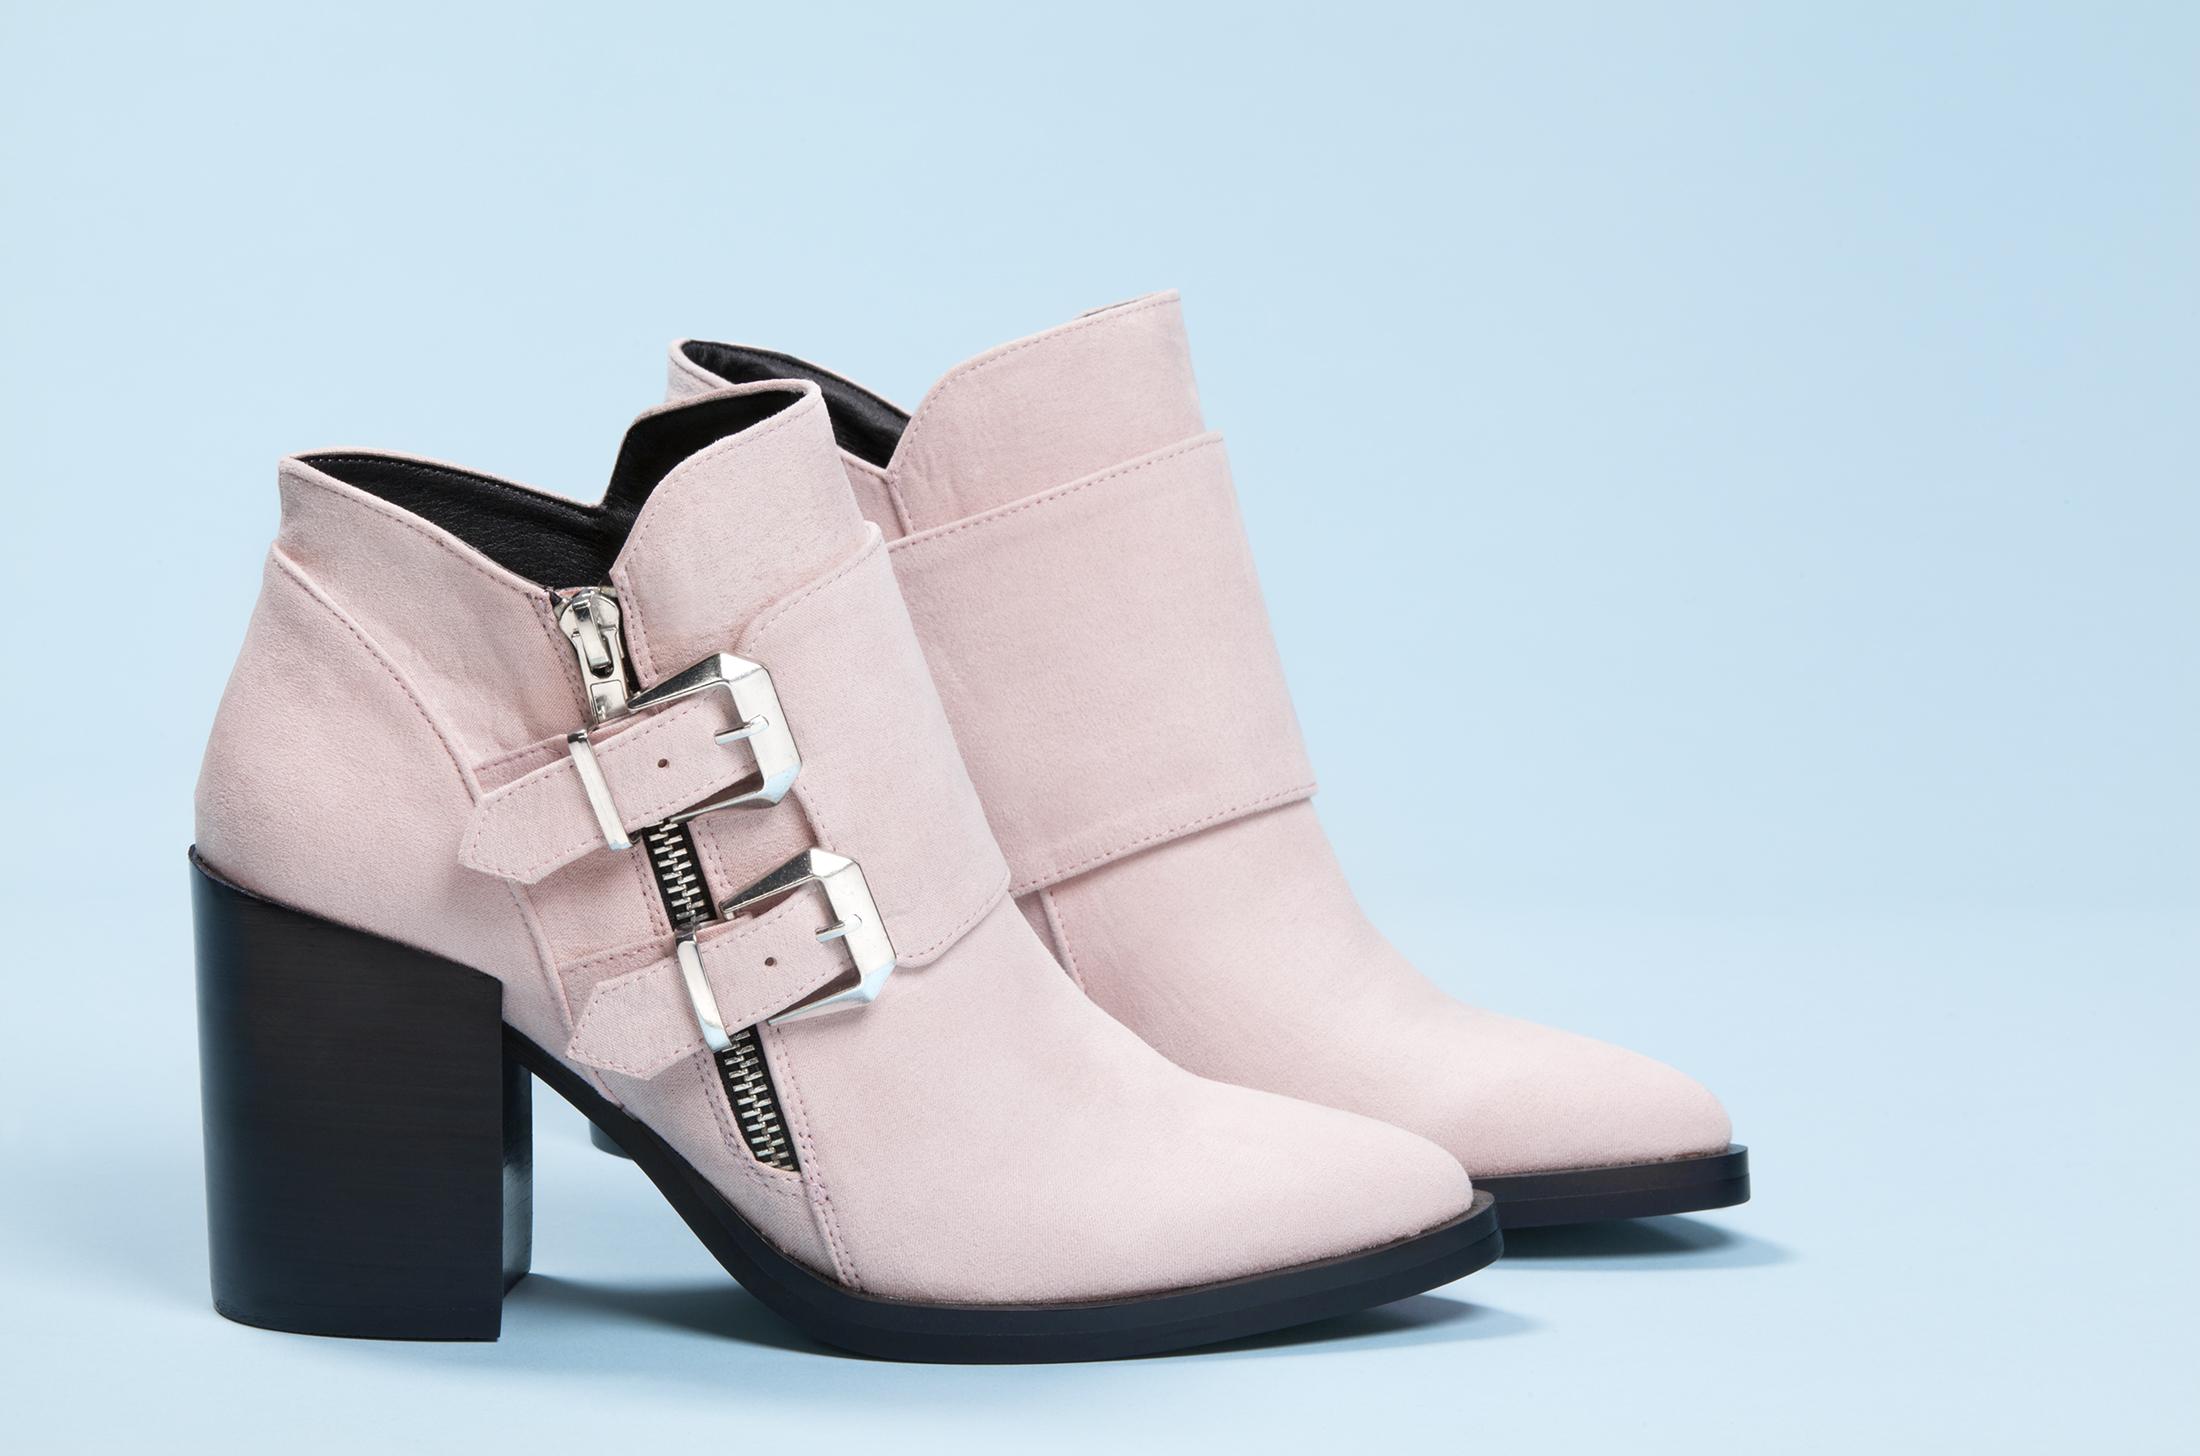 rachel_kuzma_shoe_product.jpg